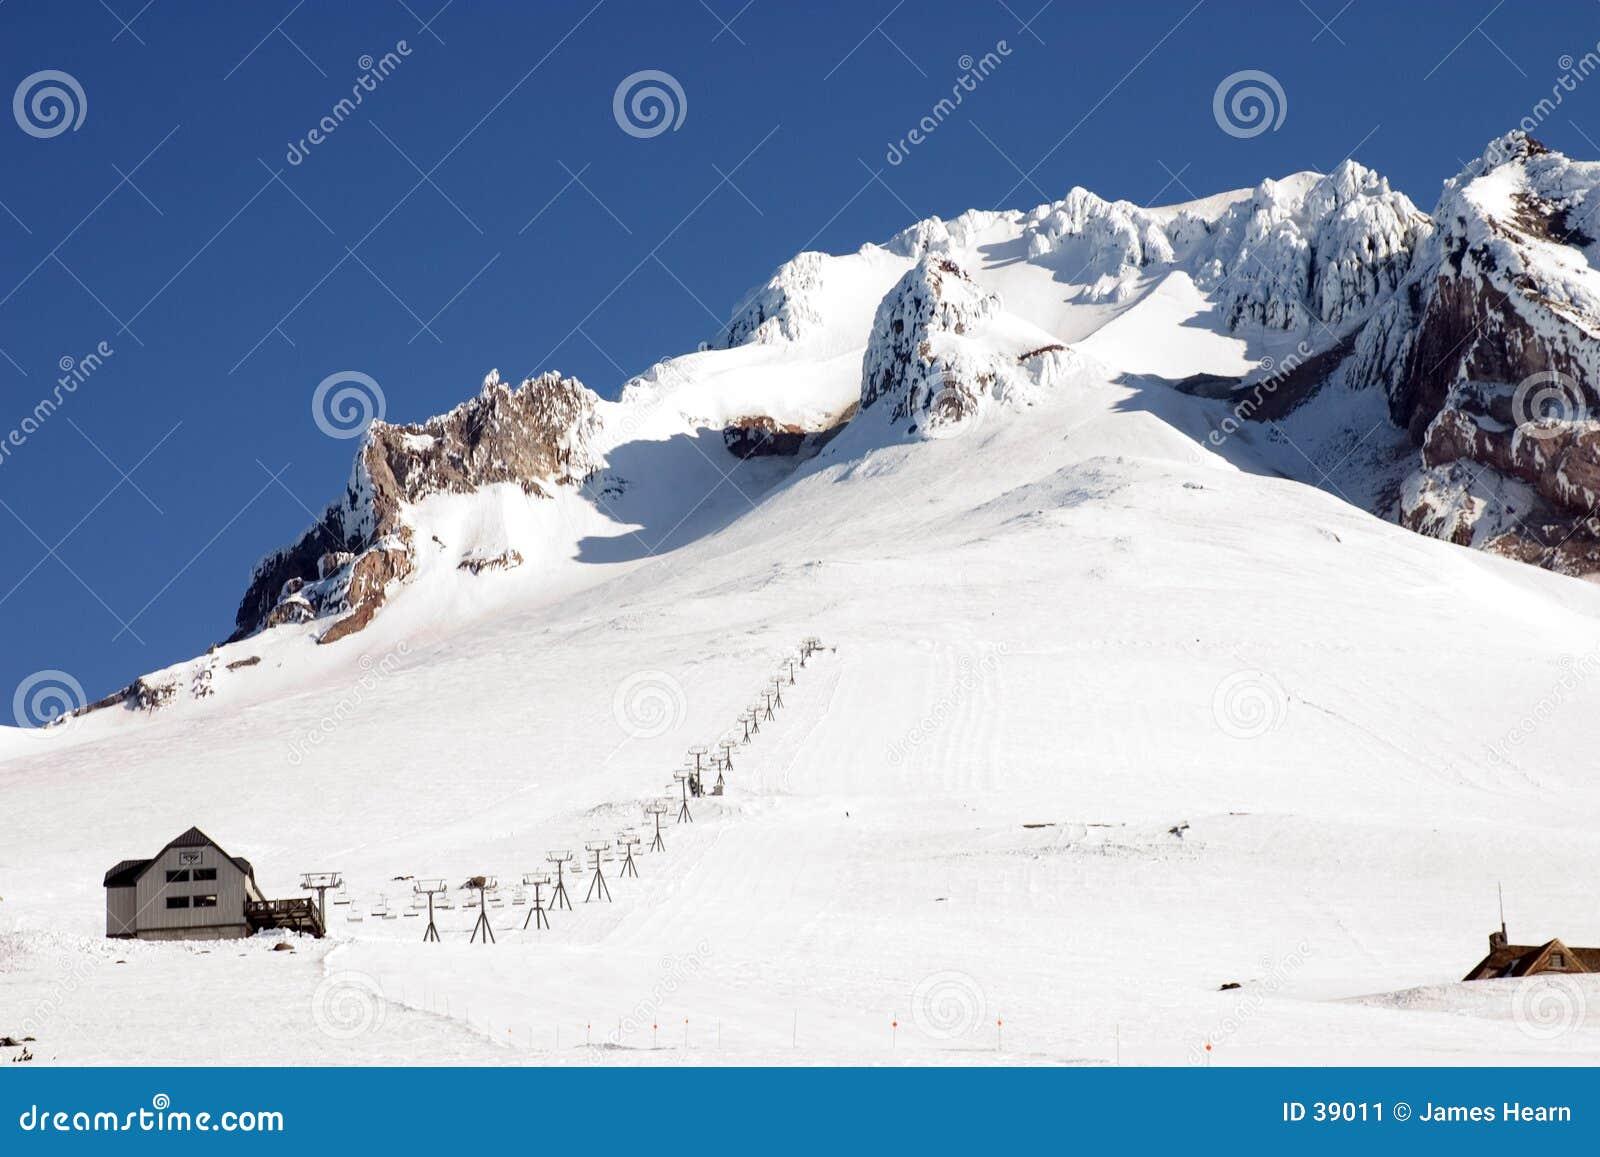 Download Elevación De Esquí En El Capo Motor Del Montaje. Imagen de archivo - Imagen de elevación, nieve: 39011